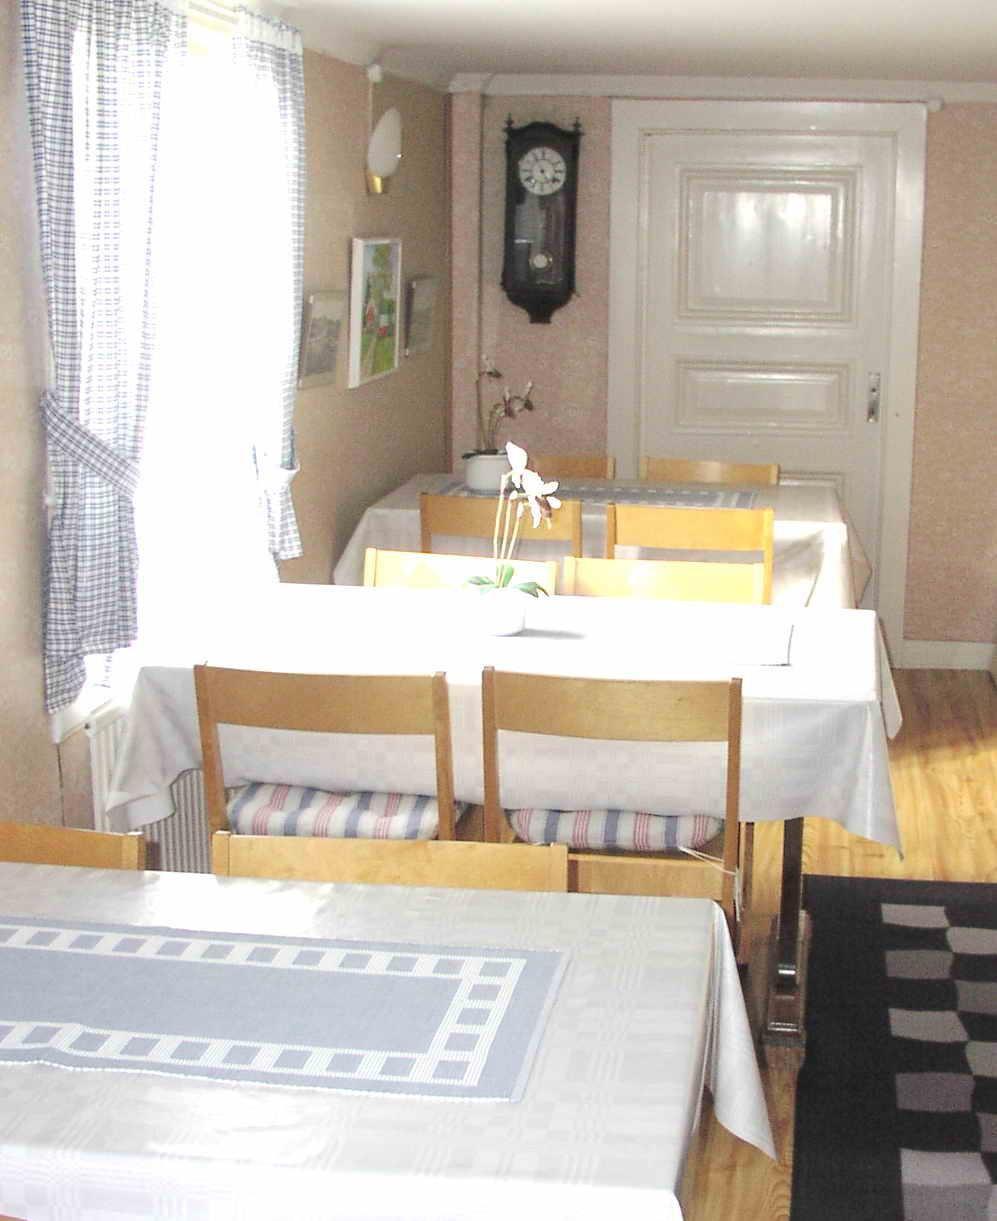 Kinna Youth Hostel, Lilla Sanden, Kinna